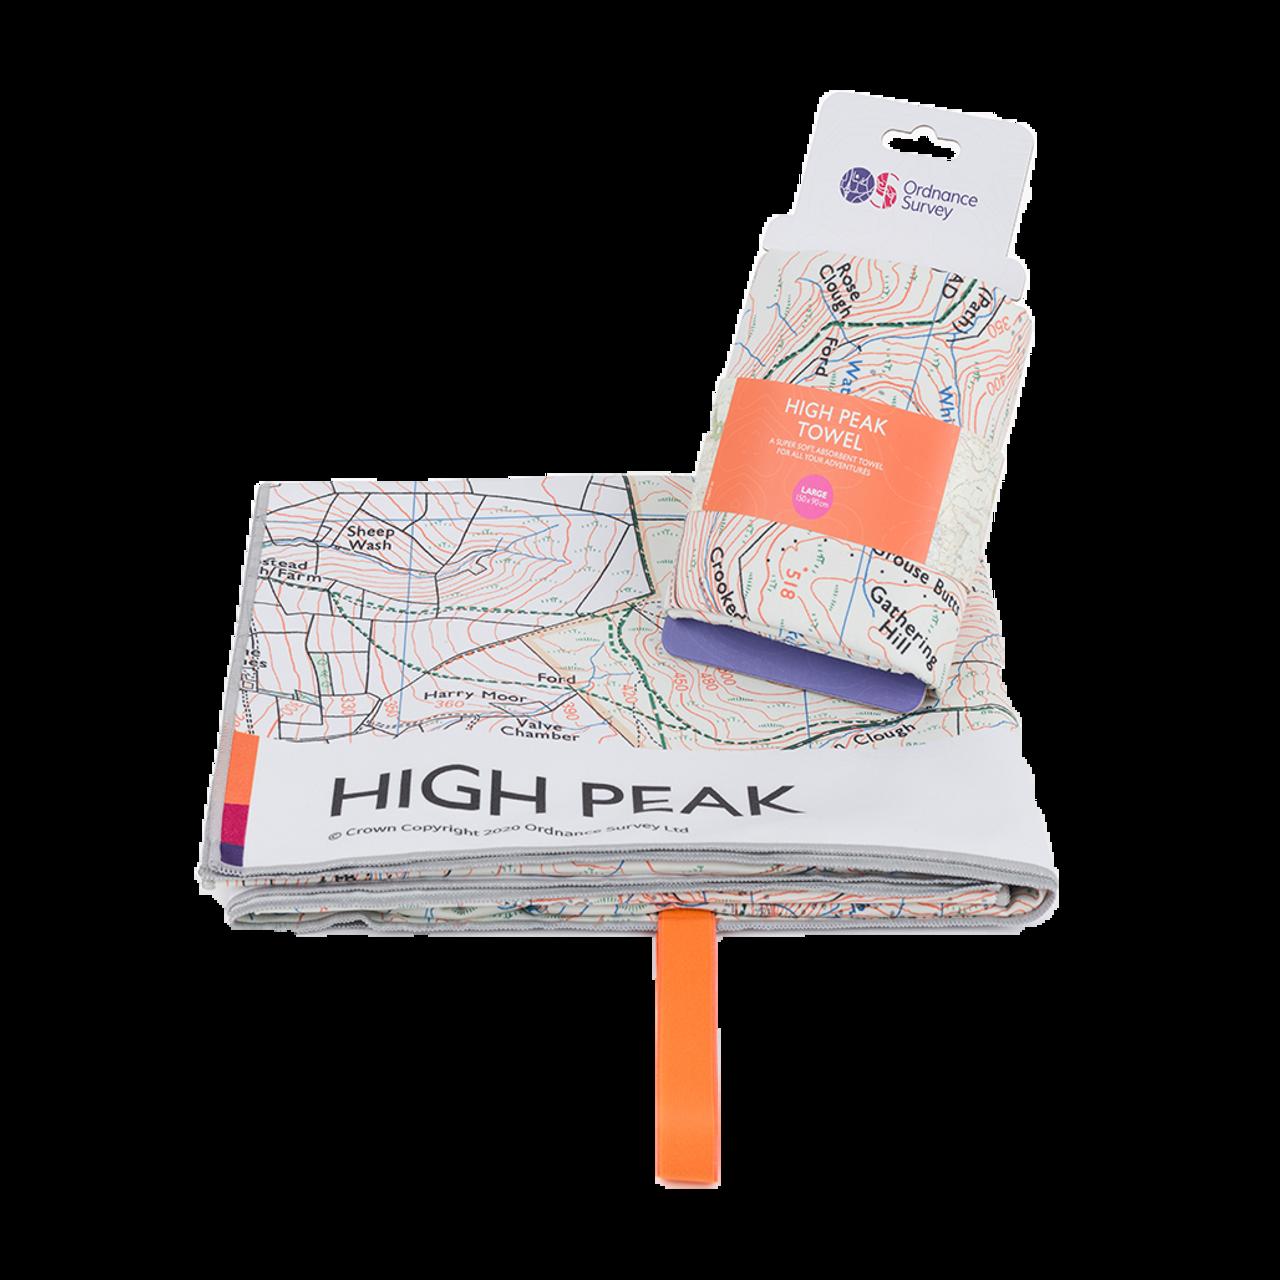 Os High Peak Large Towel